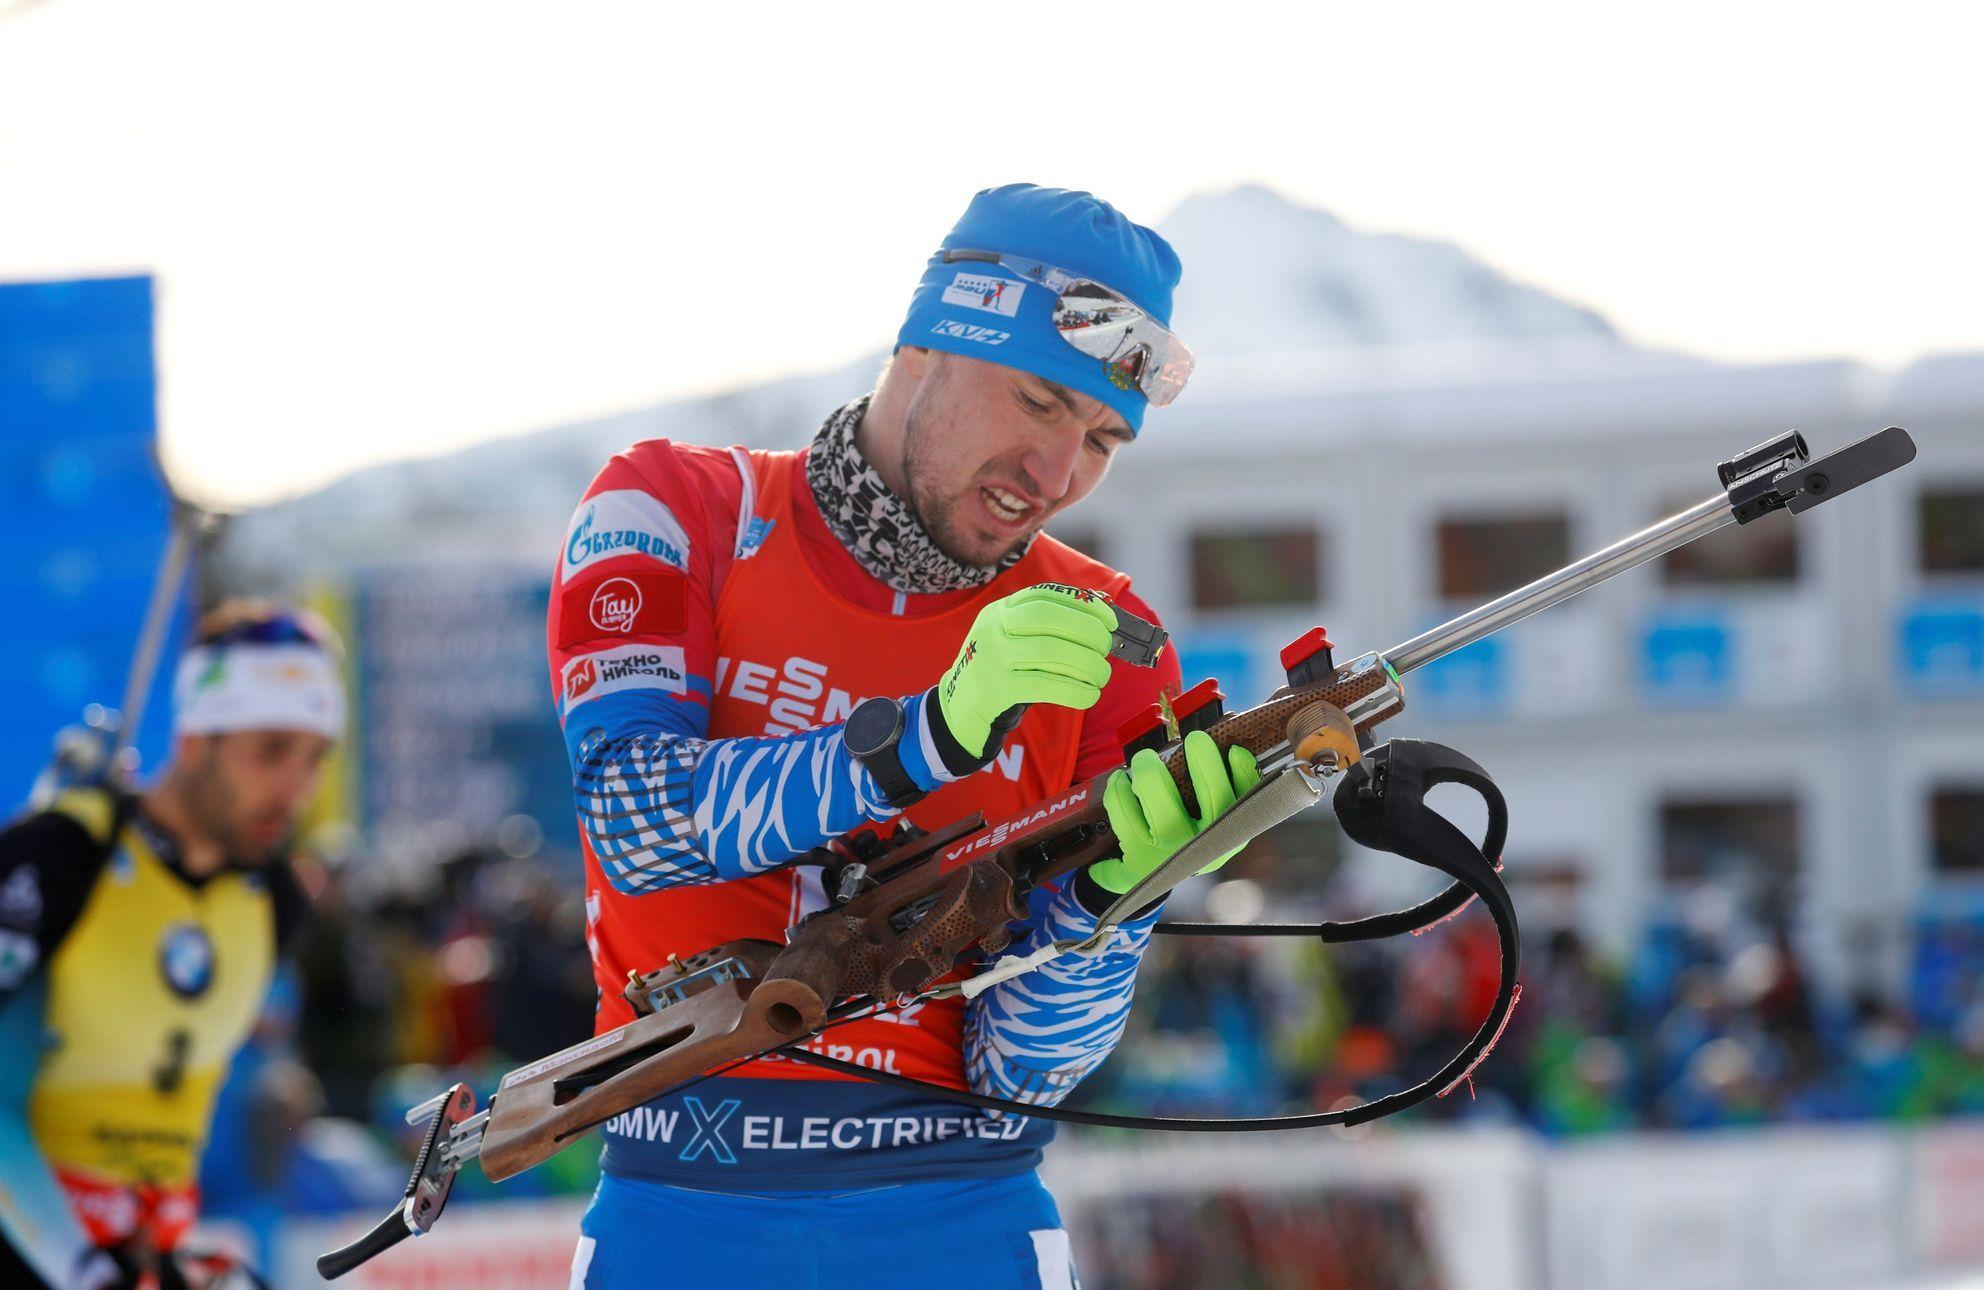 Štafetu běží i muži, v ruském dresu je na startu i kontroverzní Loginov